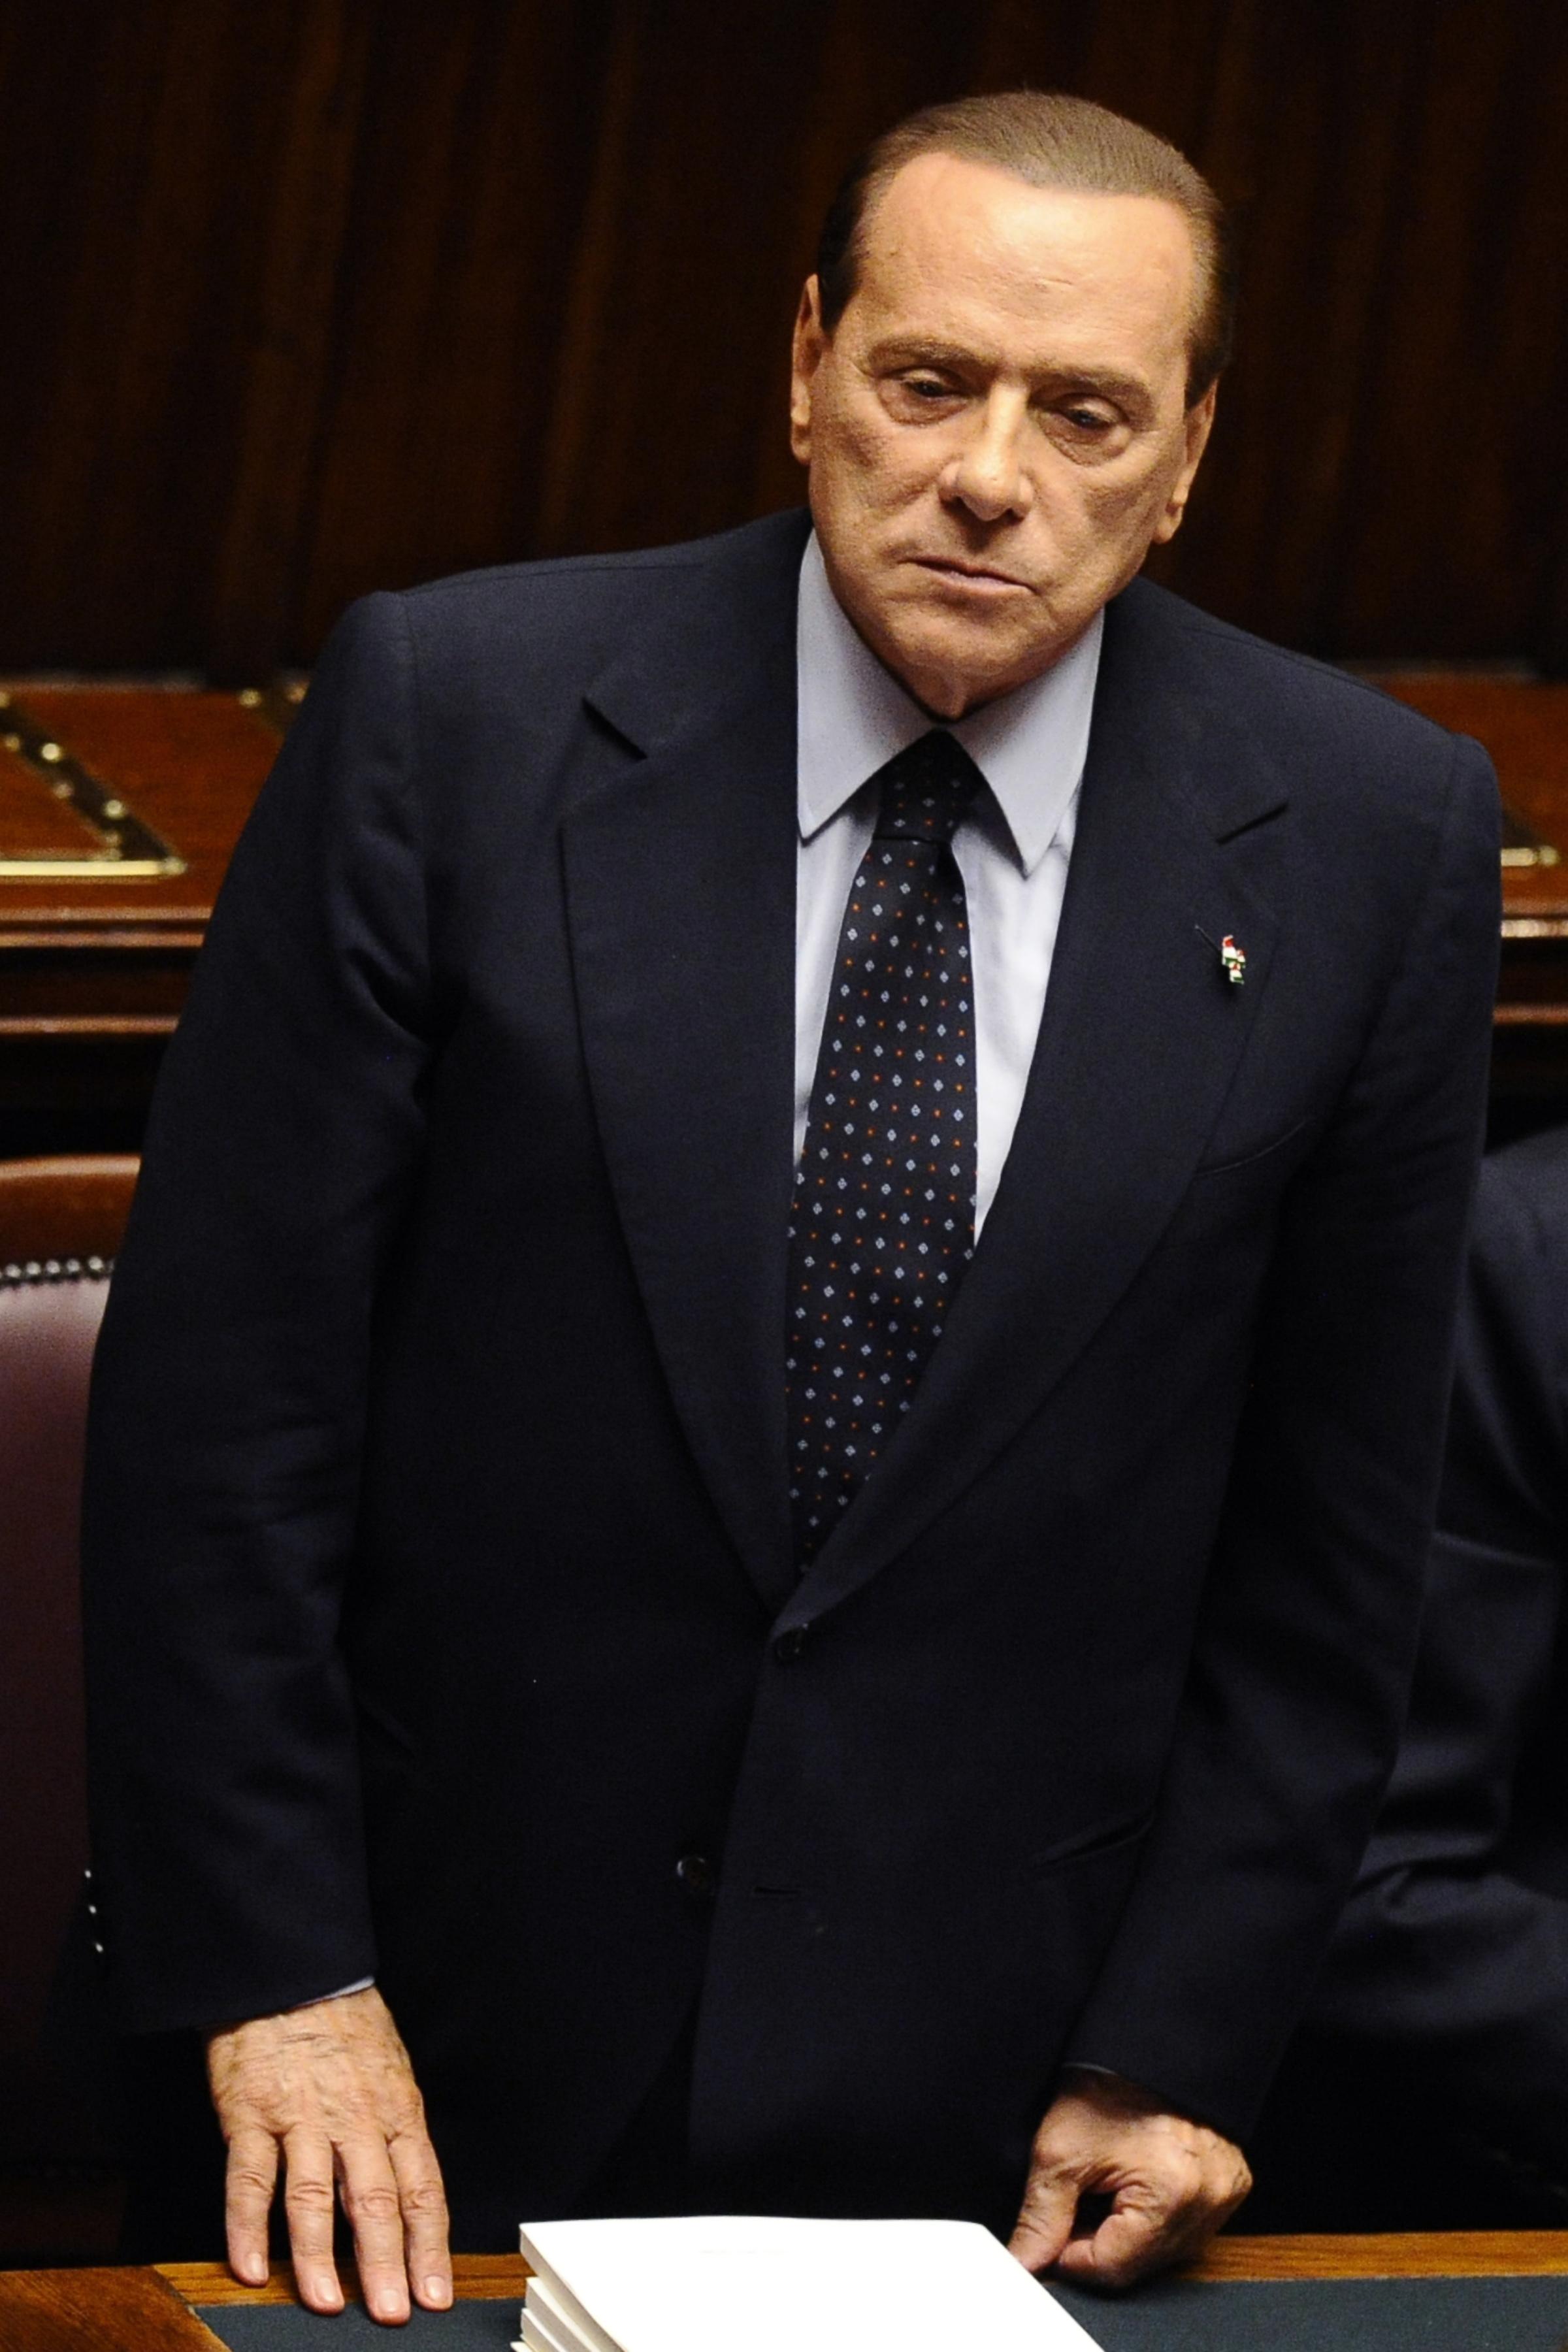 Премьер-министр Италии Сильвио Берлускони реагирует на заседании в парламенте по принятию пакета ключевых экономических реформ. 12 ноября 2011 года, Рим. В тот же день он ушел в отставку. Фото: Filippo Monteforte/Getty Images